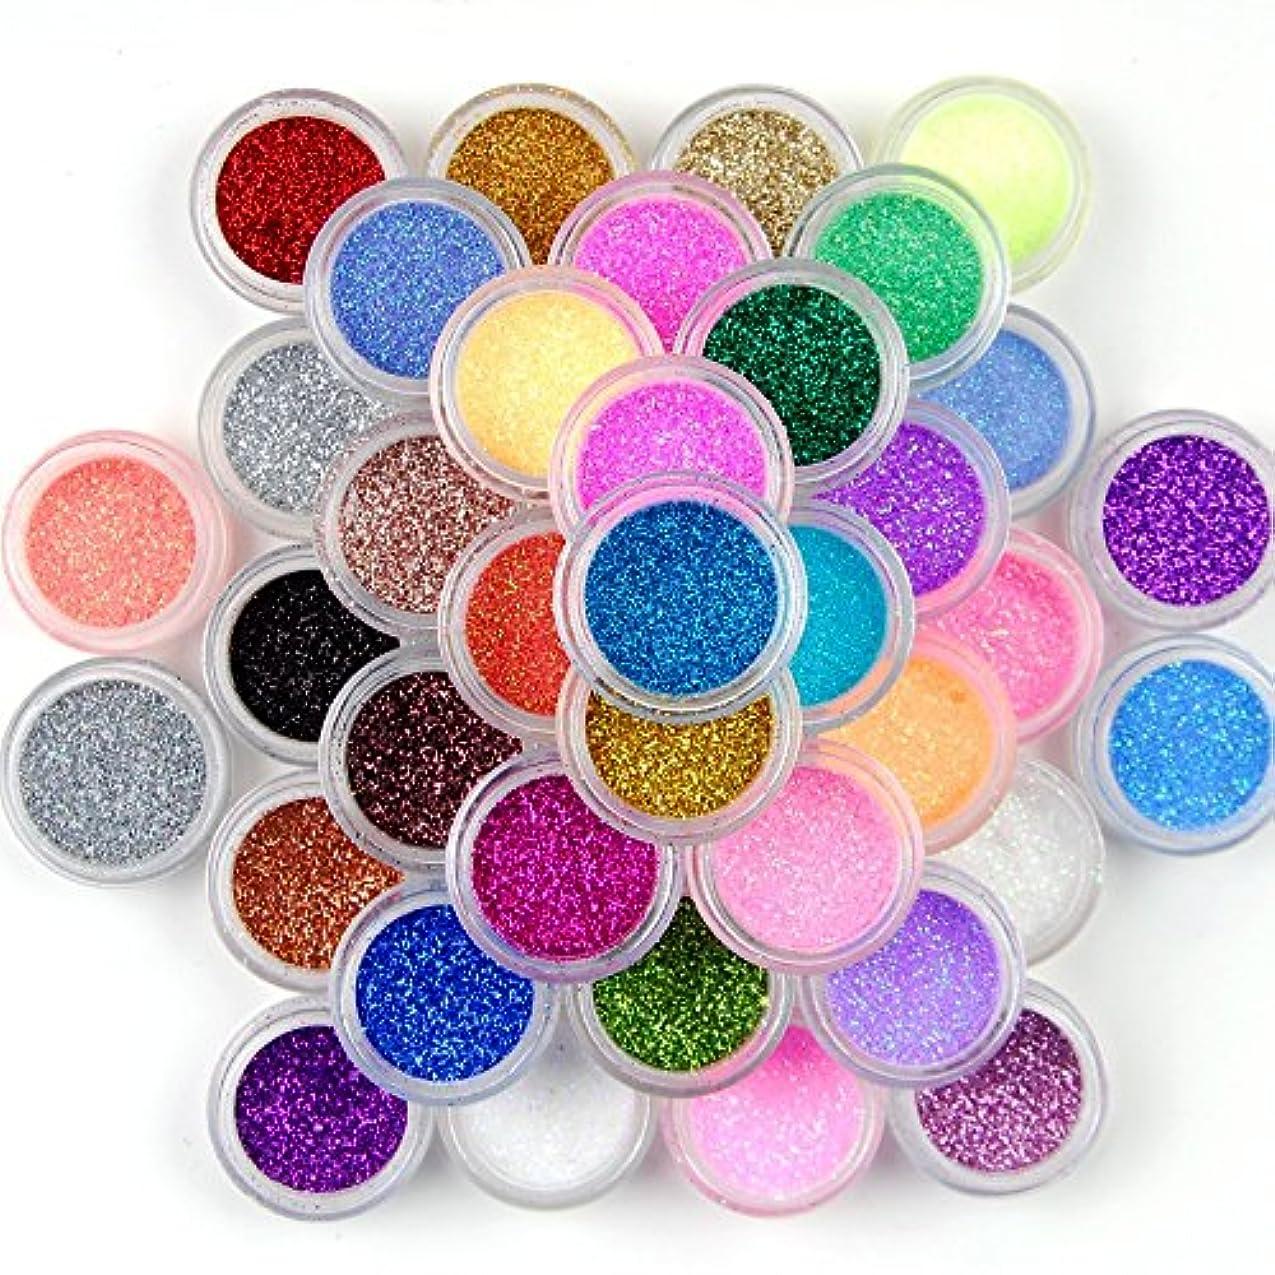 人気の性格信念12個ネイルアートDust Glitter Powder DIY装飾ヒント、色ランダム